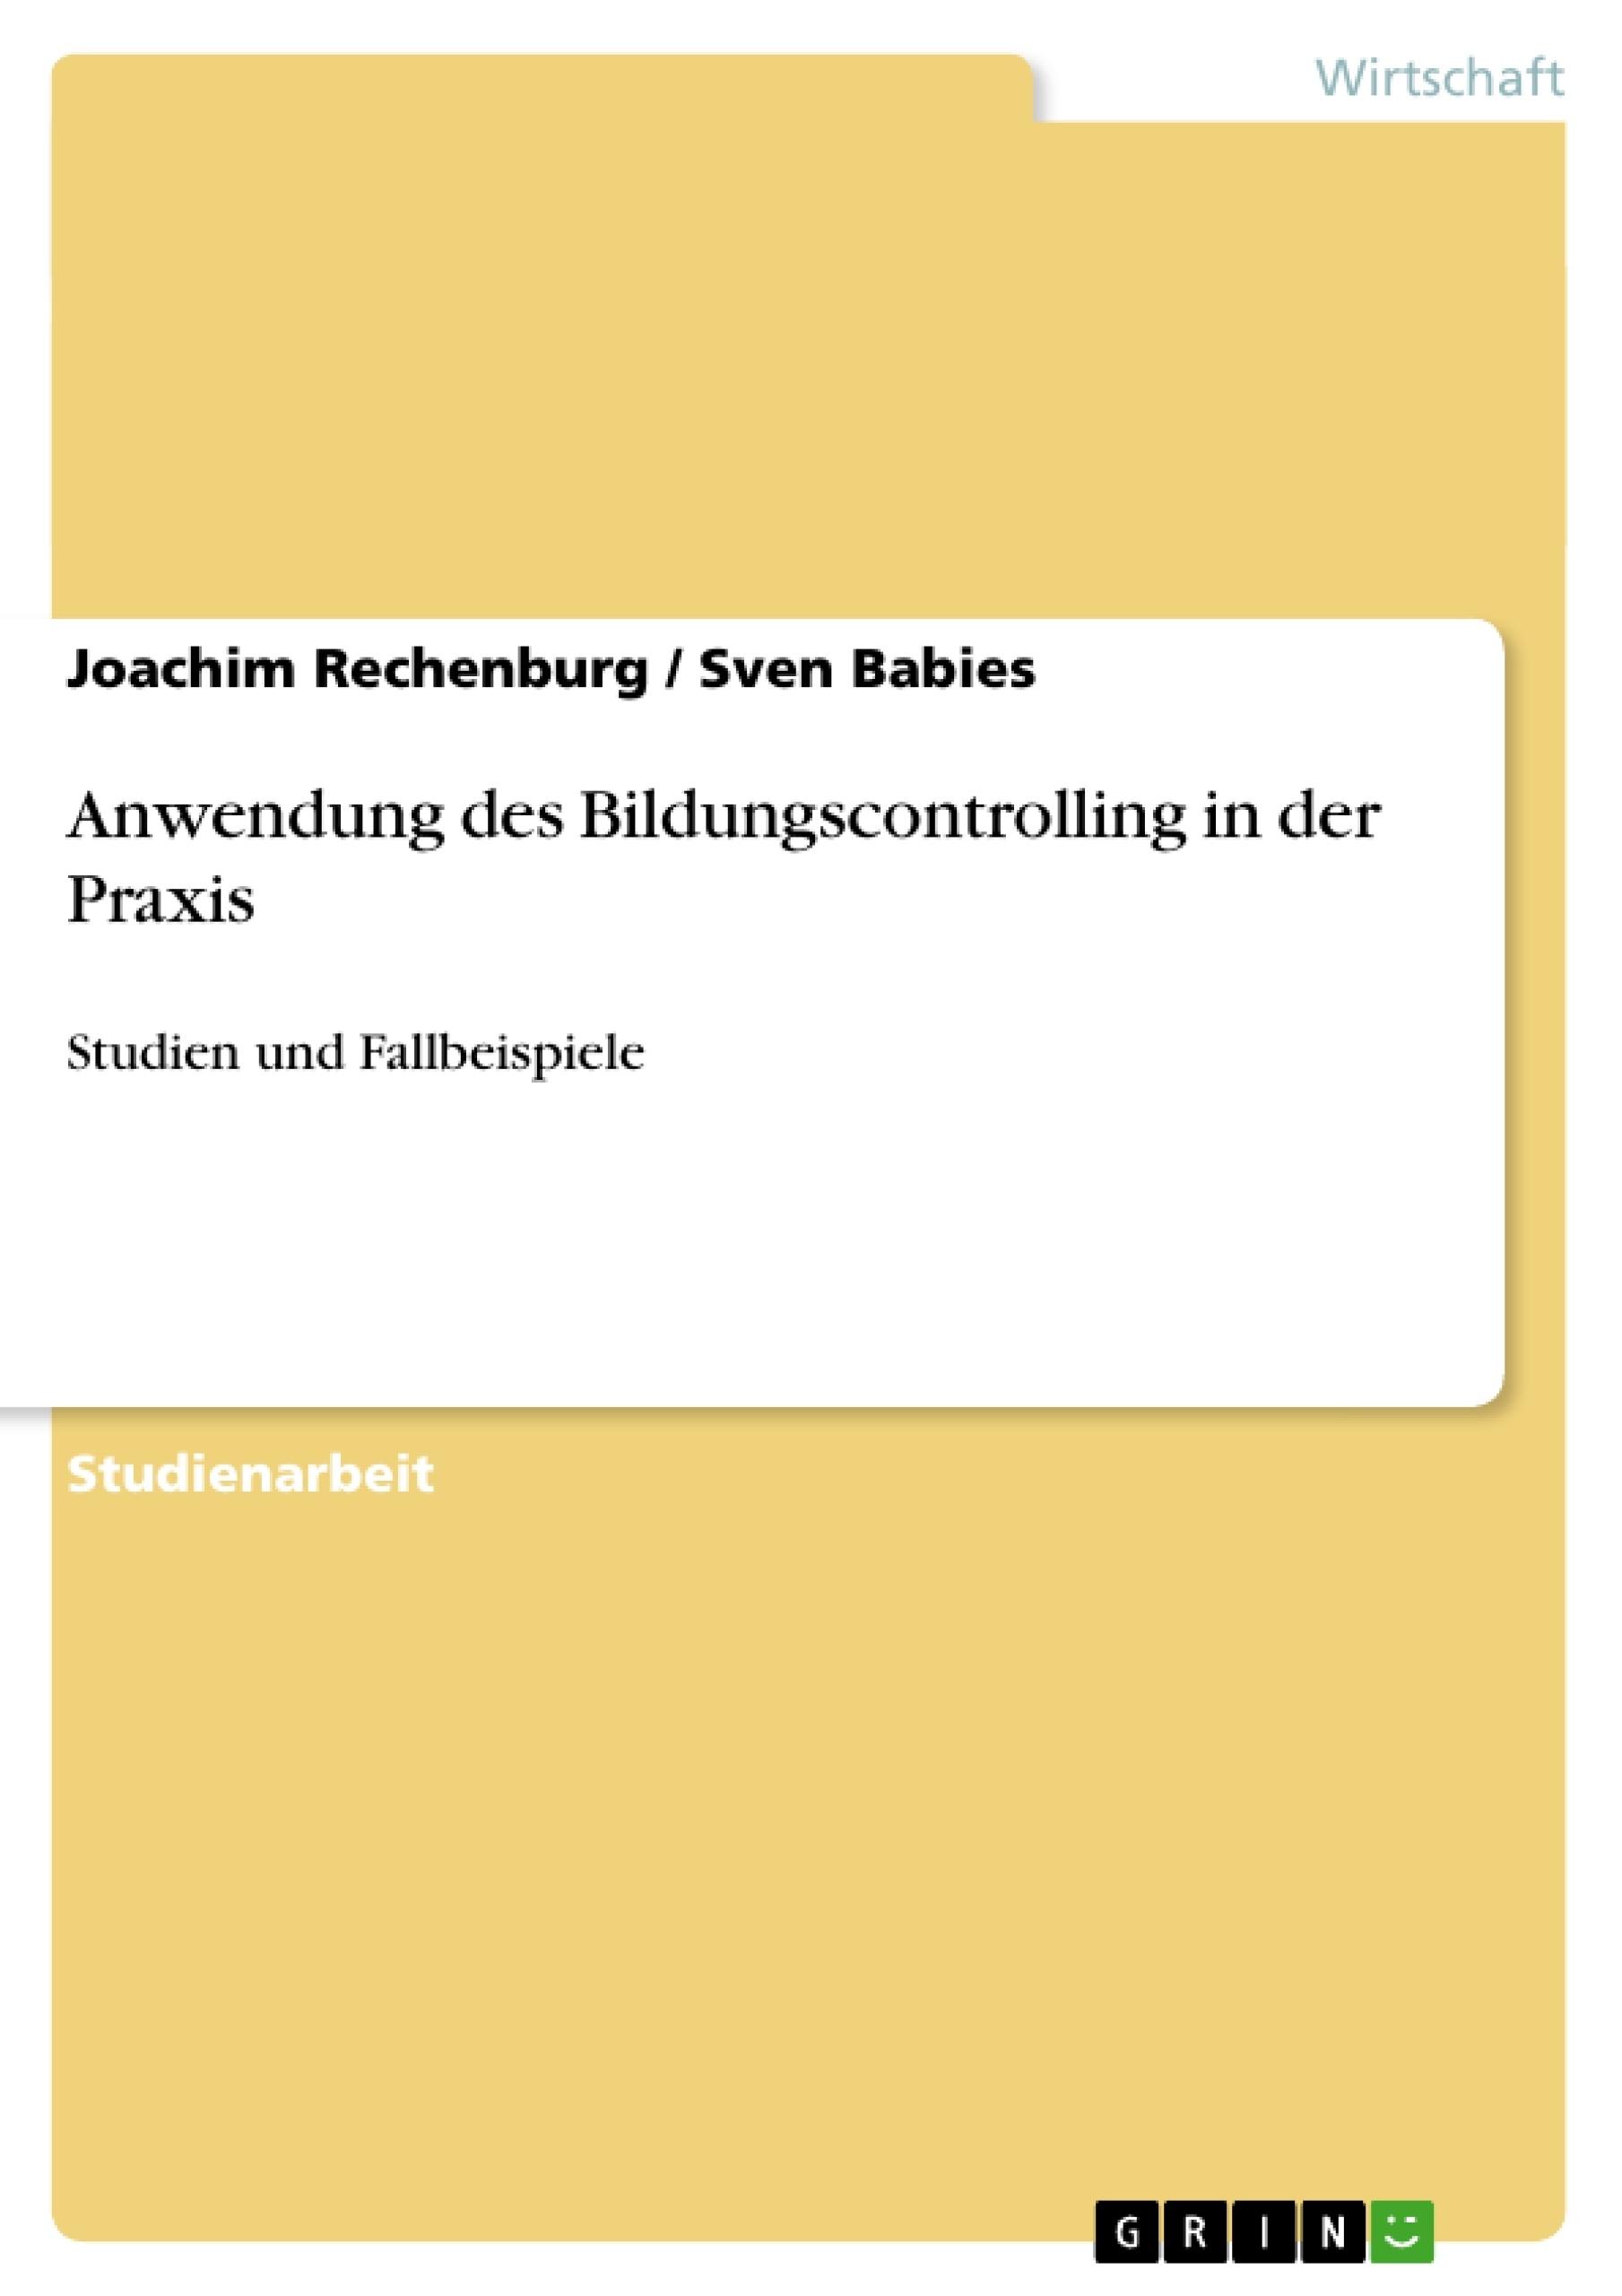 Titel: Anwendung des Bildungscontrolling in der Praxis